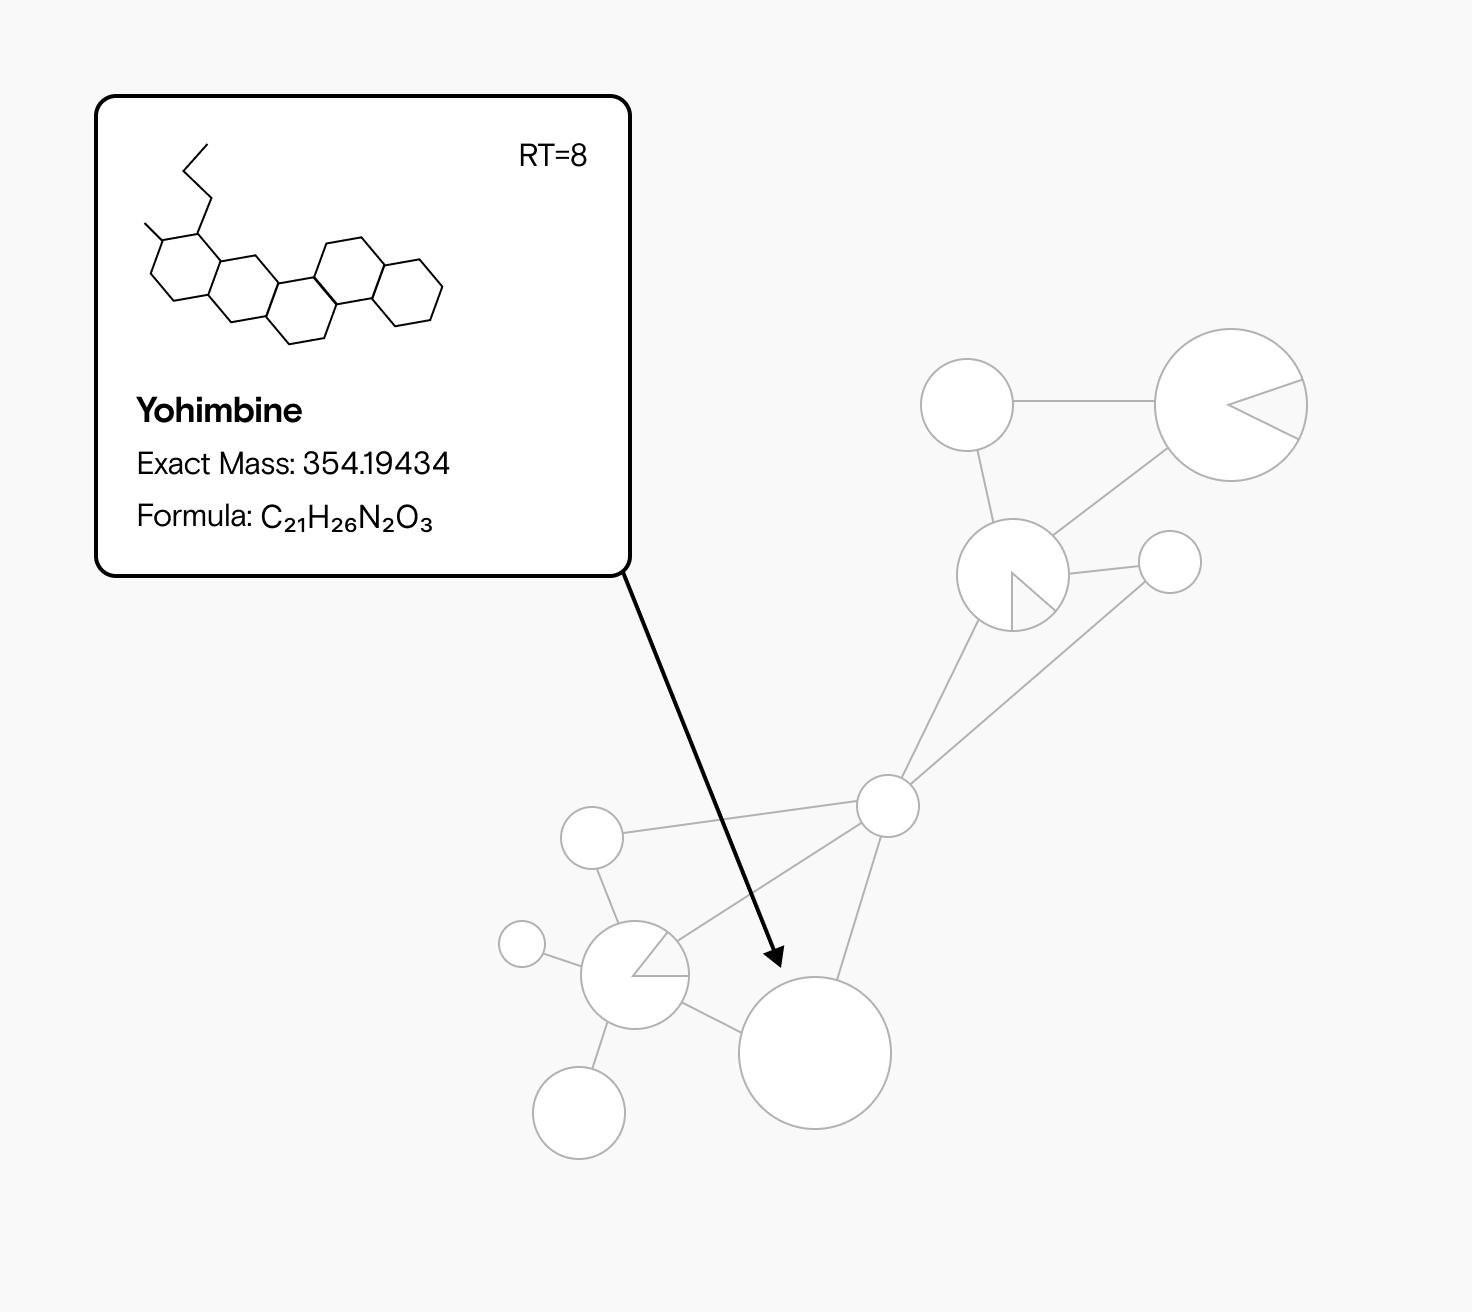 Ein molekulares Netzwerk, in dem jeder Metabolit durch einen Node repräsentiert wird und Metaboliten mit hoher struktureller Ähnlichkeit durch Edges verknüpft sind. Die Nodes sind mit dem m/z-Wert des Vorläuferions des Metaboliten annotiert.